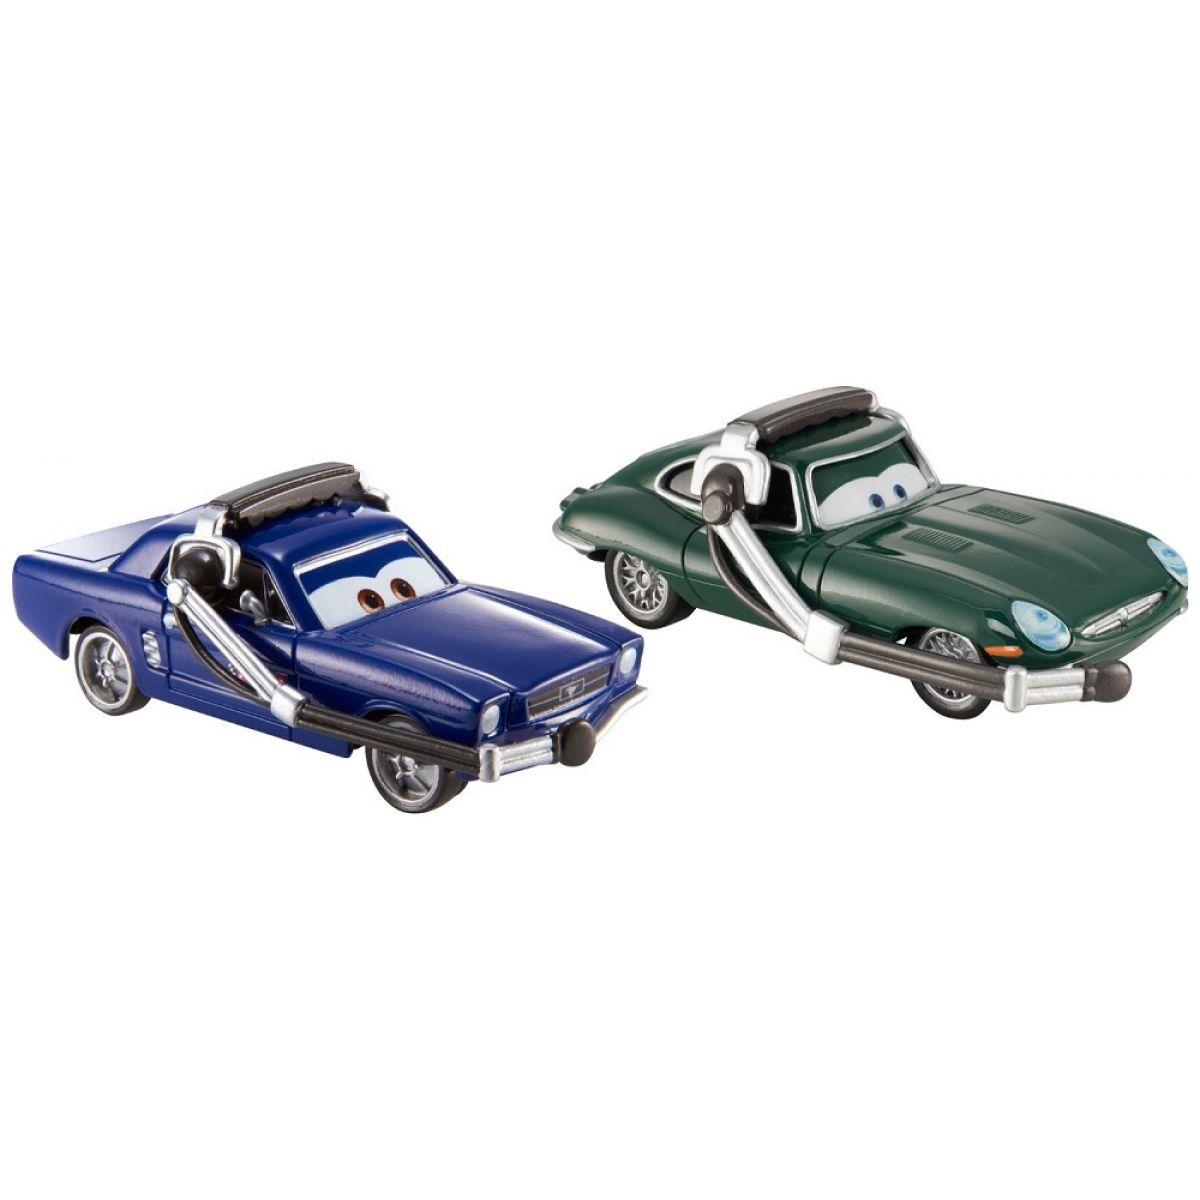 Mattel Cars 2 autíčka 2ks Y0506 Brent MustangBurger a David Hobbscapp